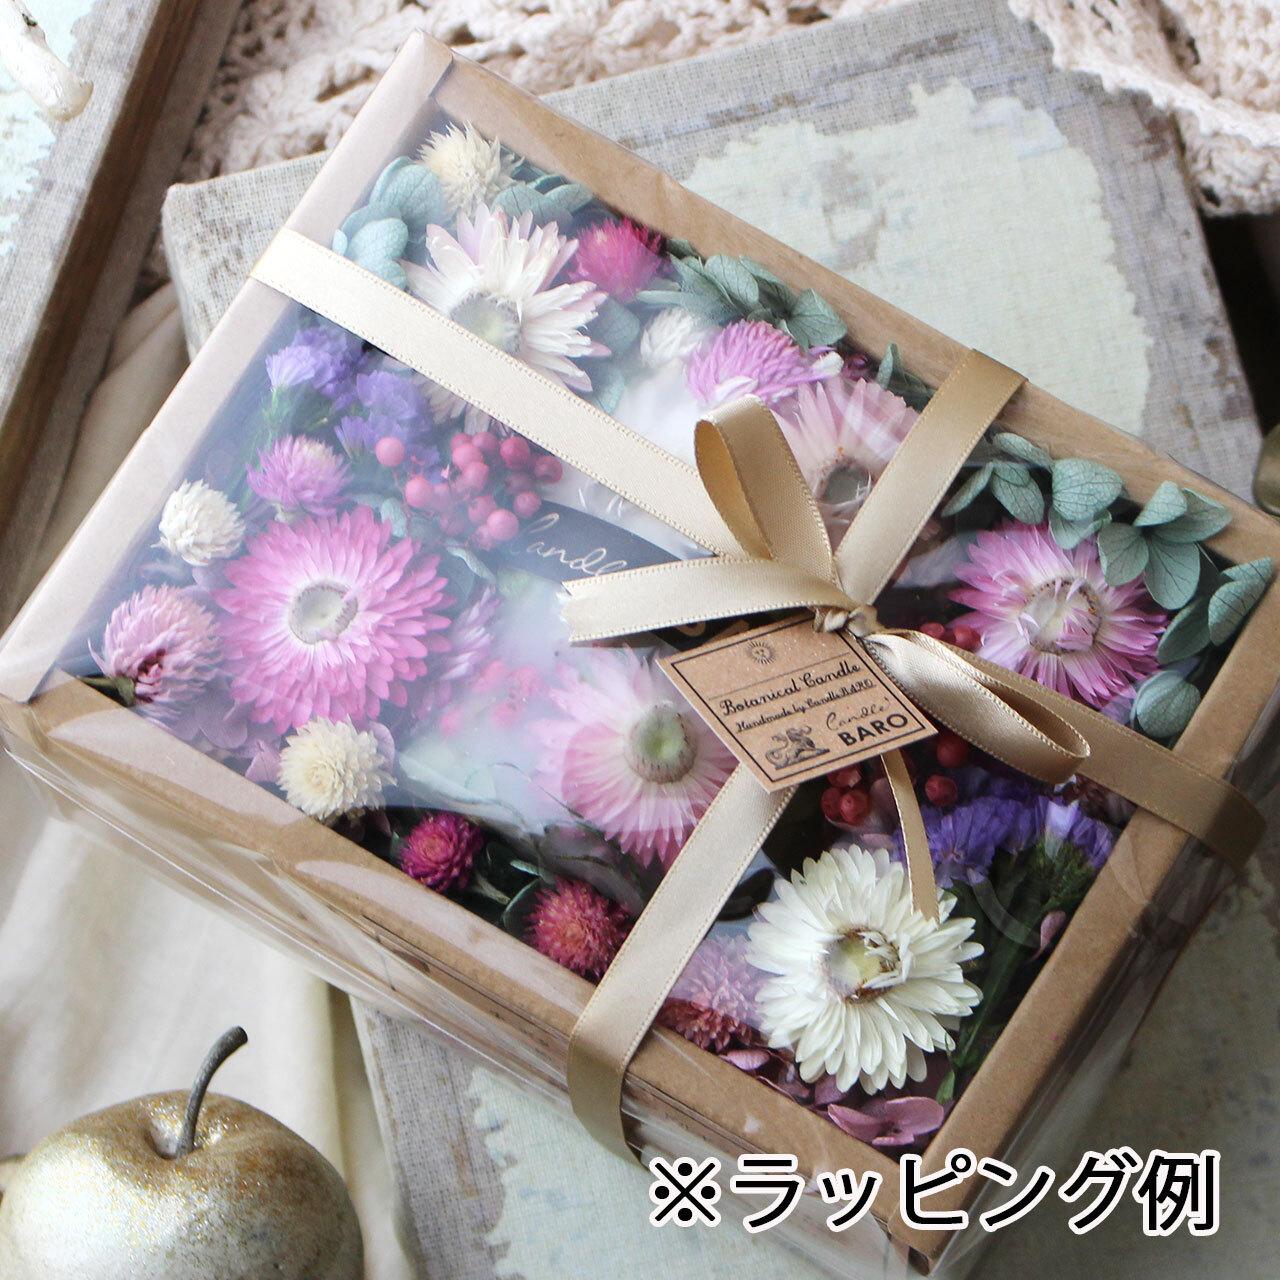 H501 透明ラッピング&紙袋付き☆ボタニカルキャンドルギフト ヘリクリサム